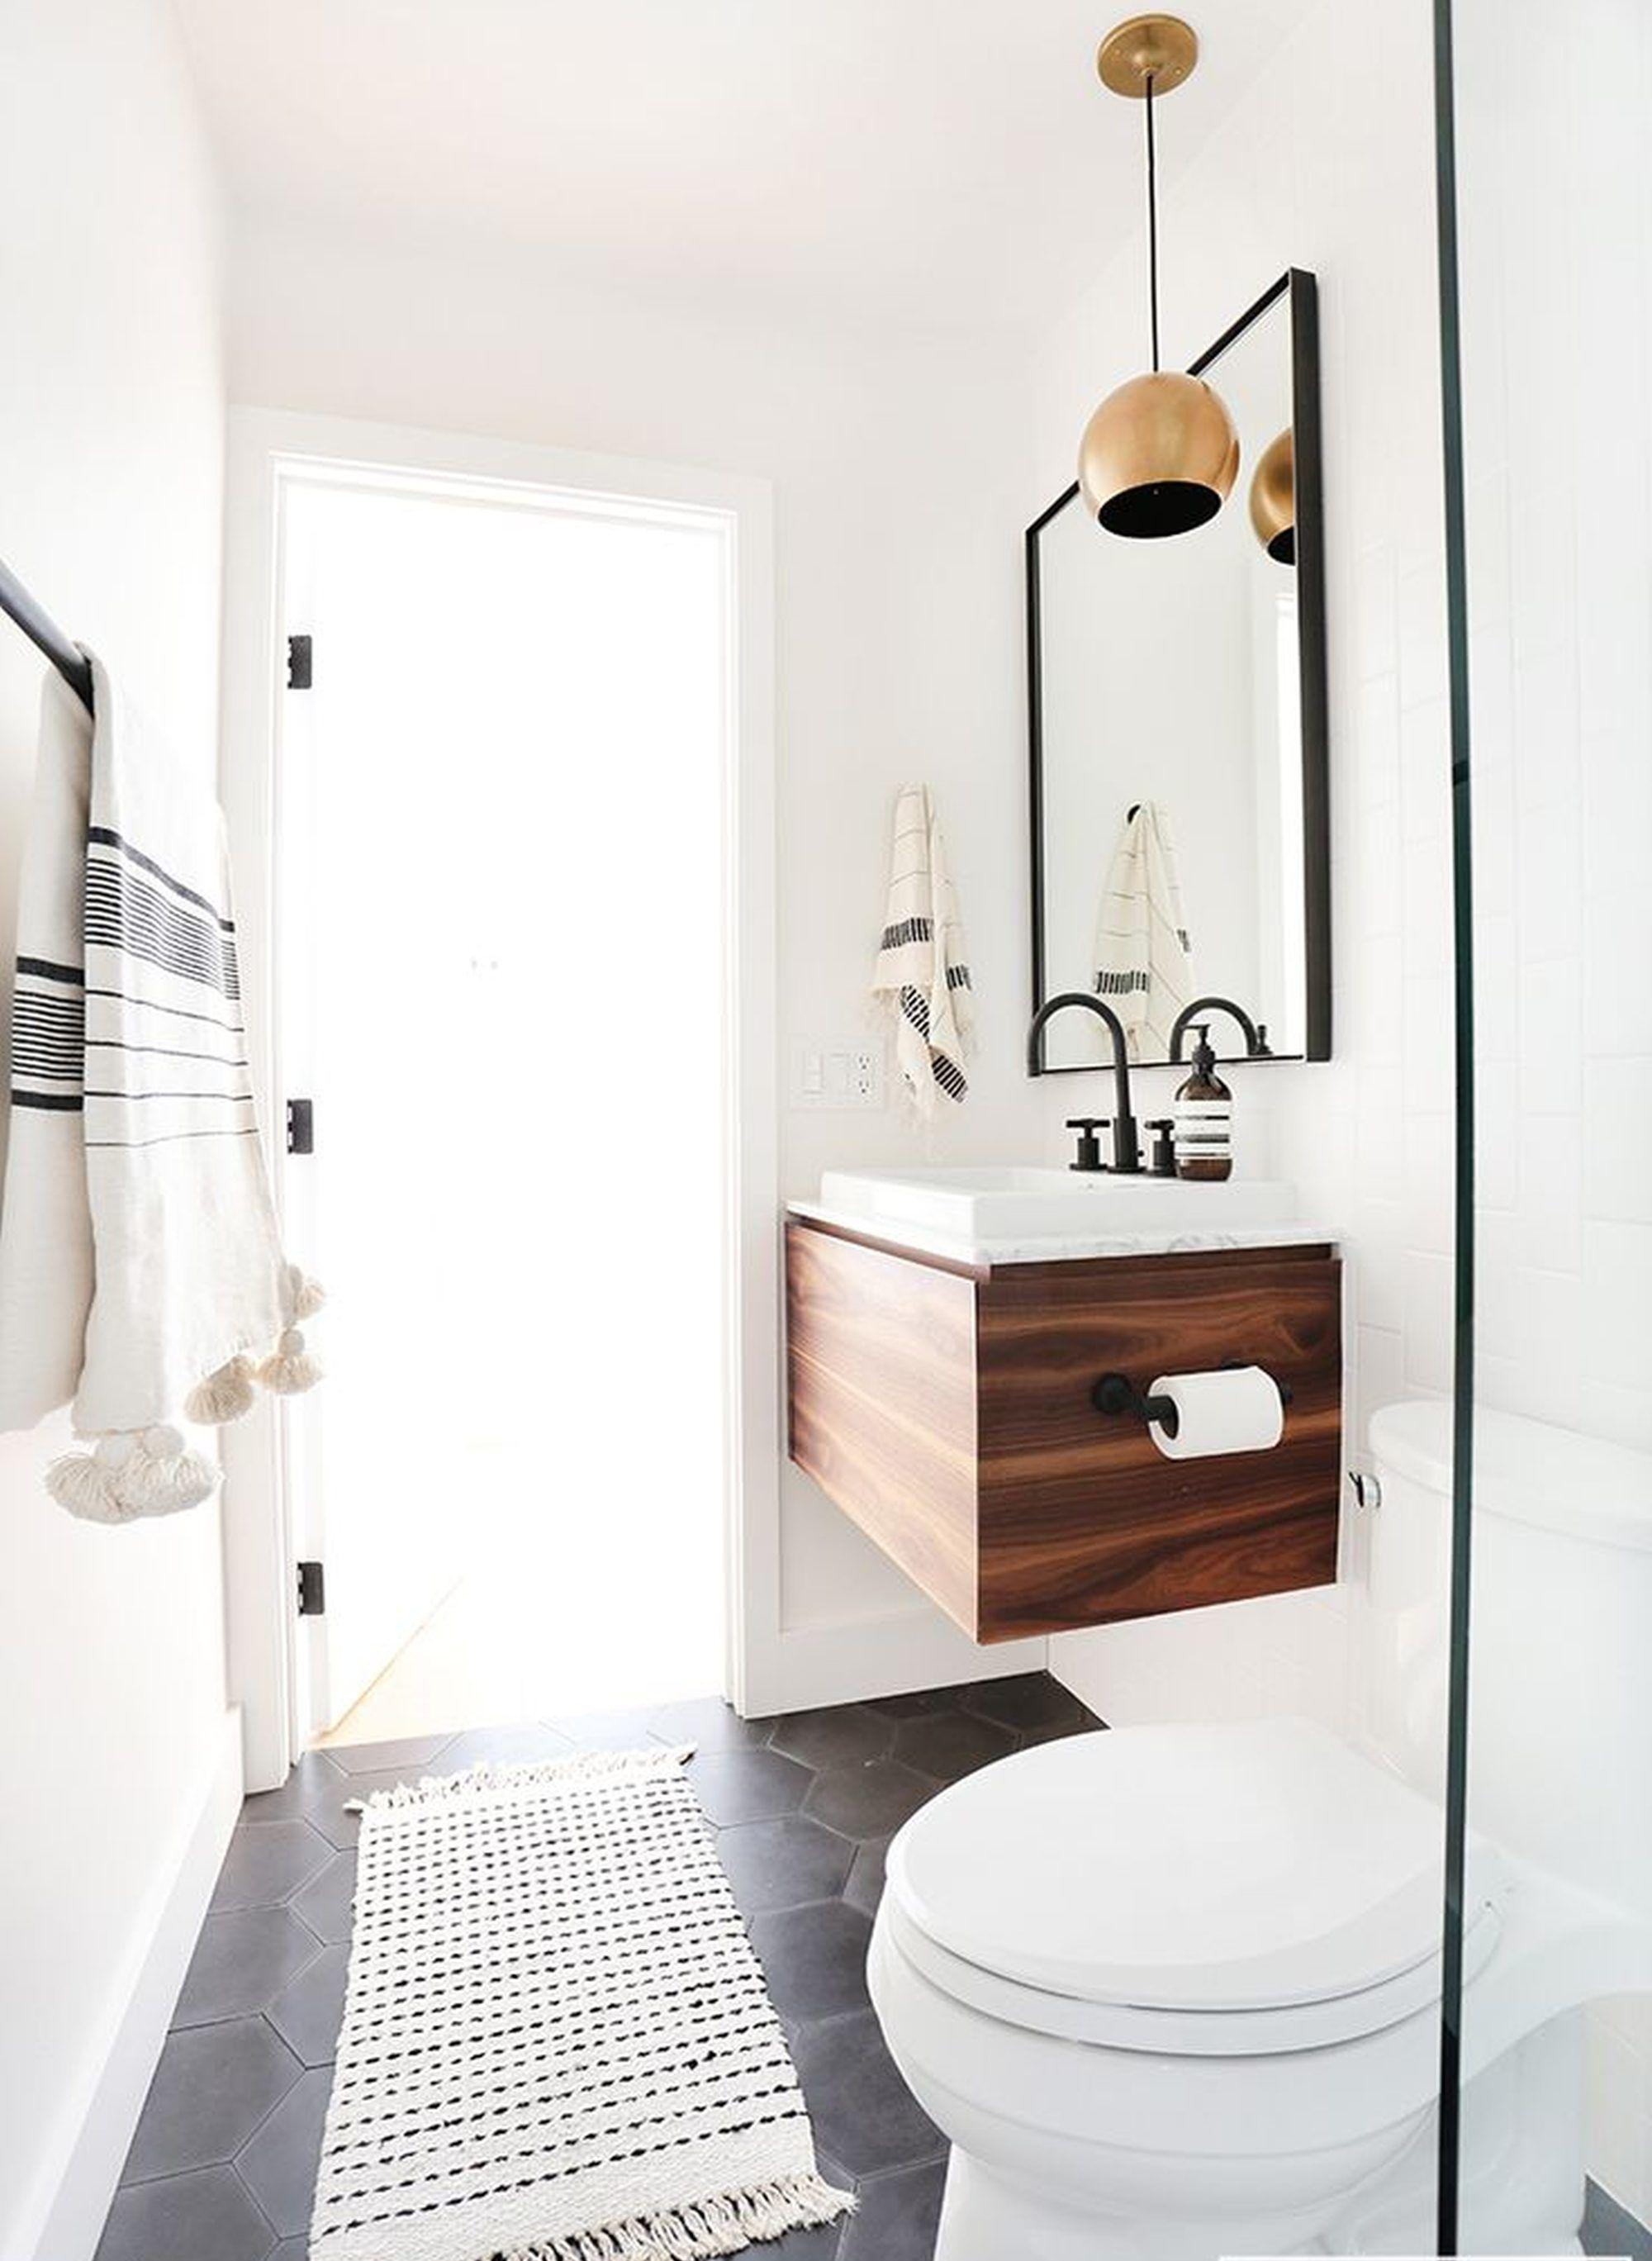 7 grandes ideas para renovar baños pequeños | casa | Baños, Baños ...